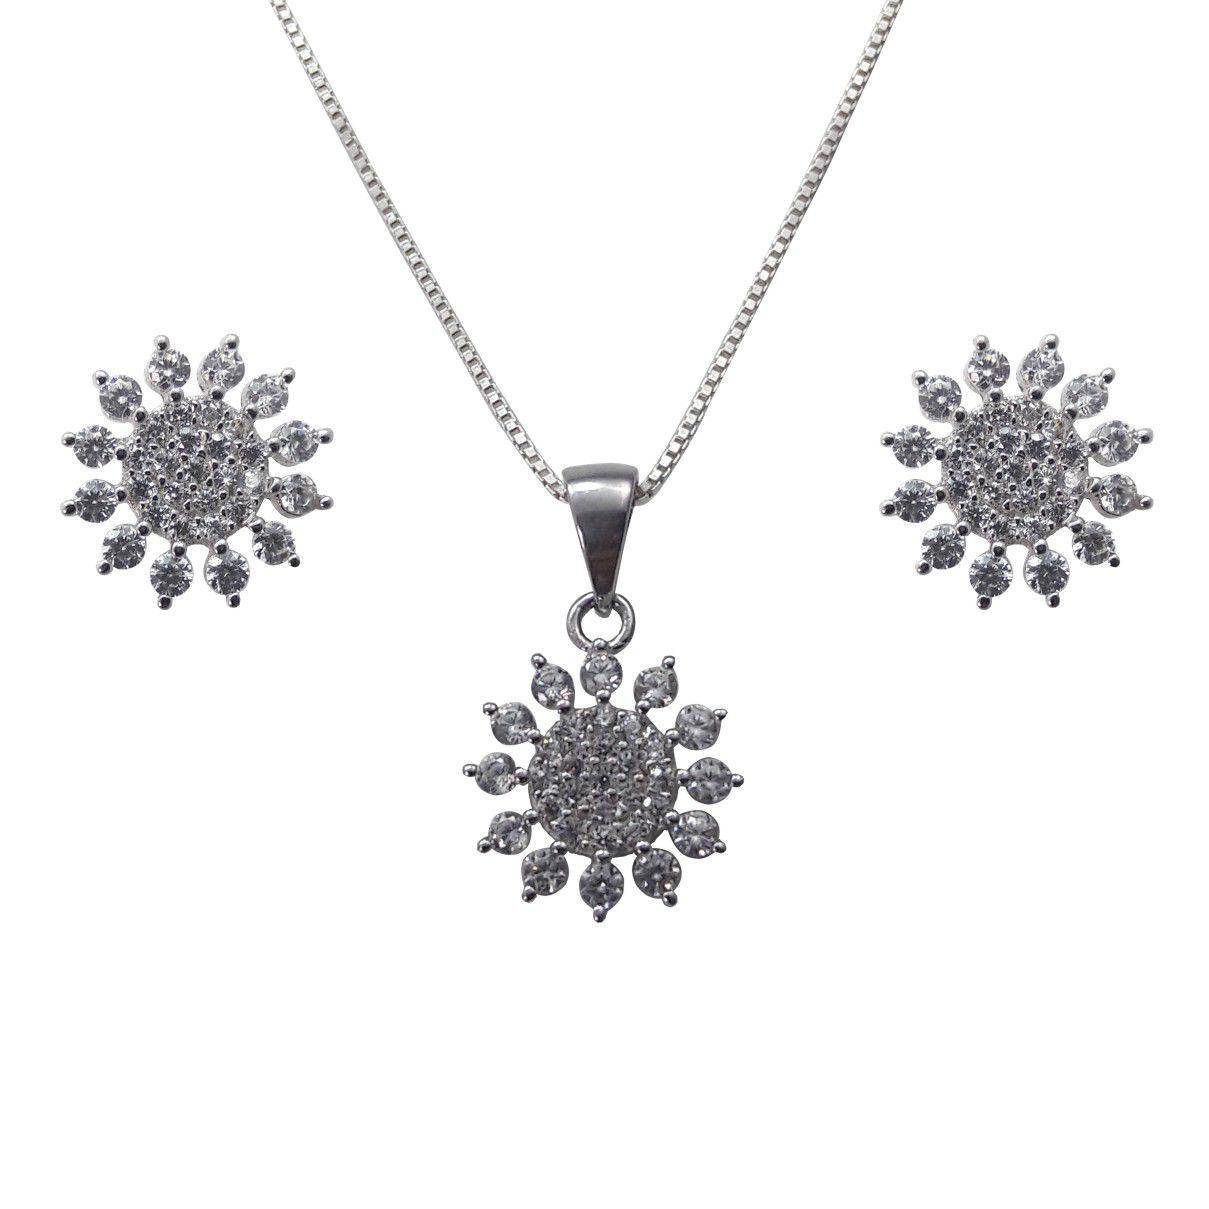 Conjunto Flor  Brinco E Pingente em Prata 925 Cravejado com  Zircônias Brancas